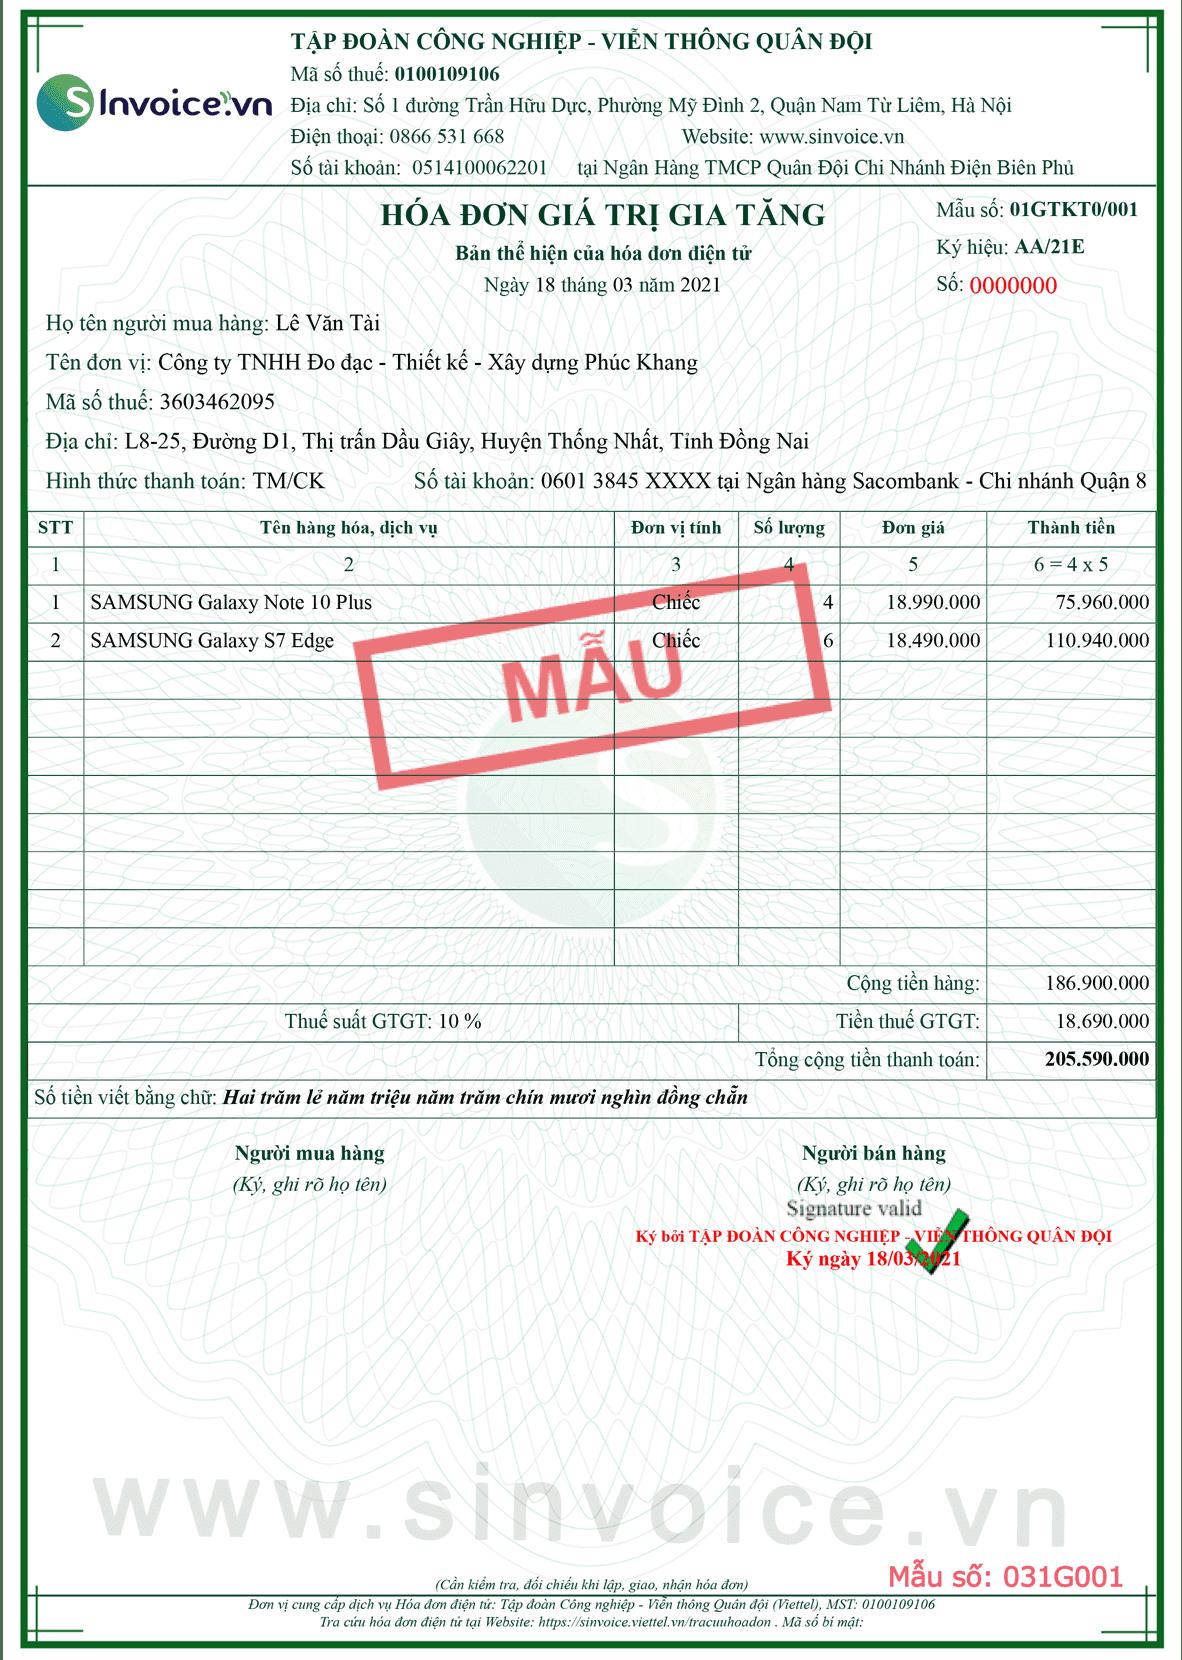 Mẫu hóa đơn điện tử số 031G001